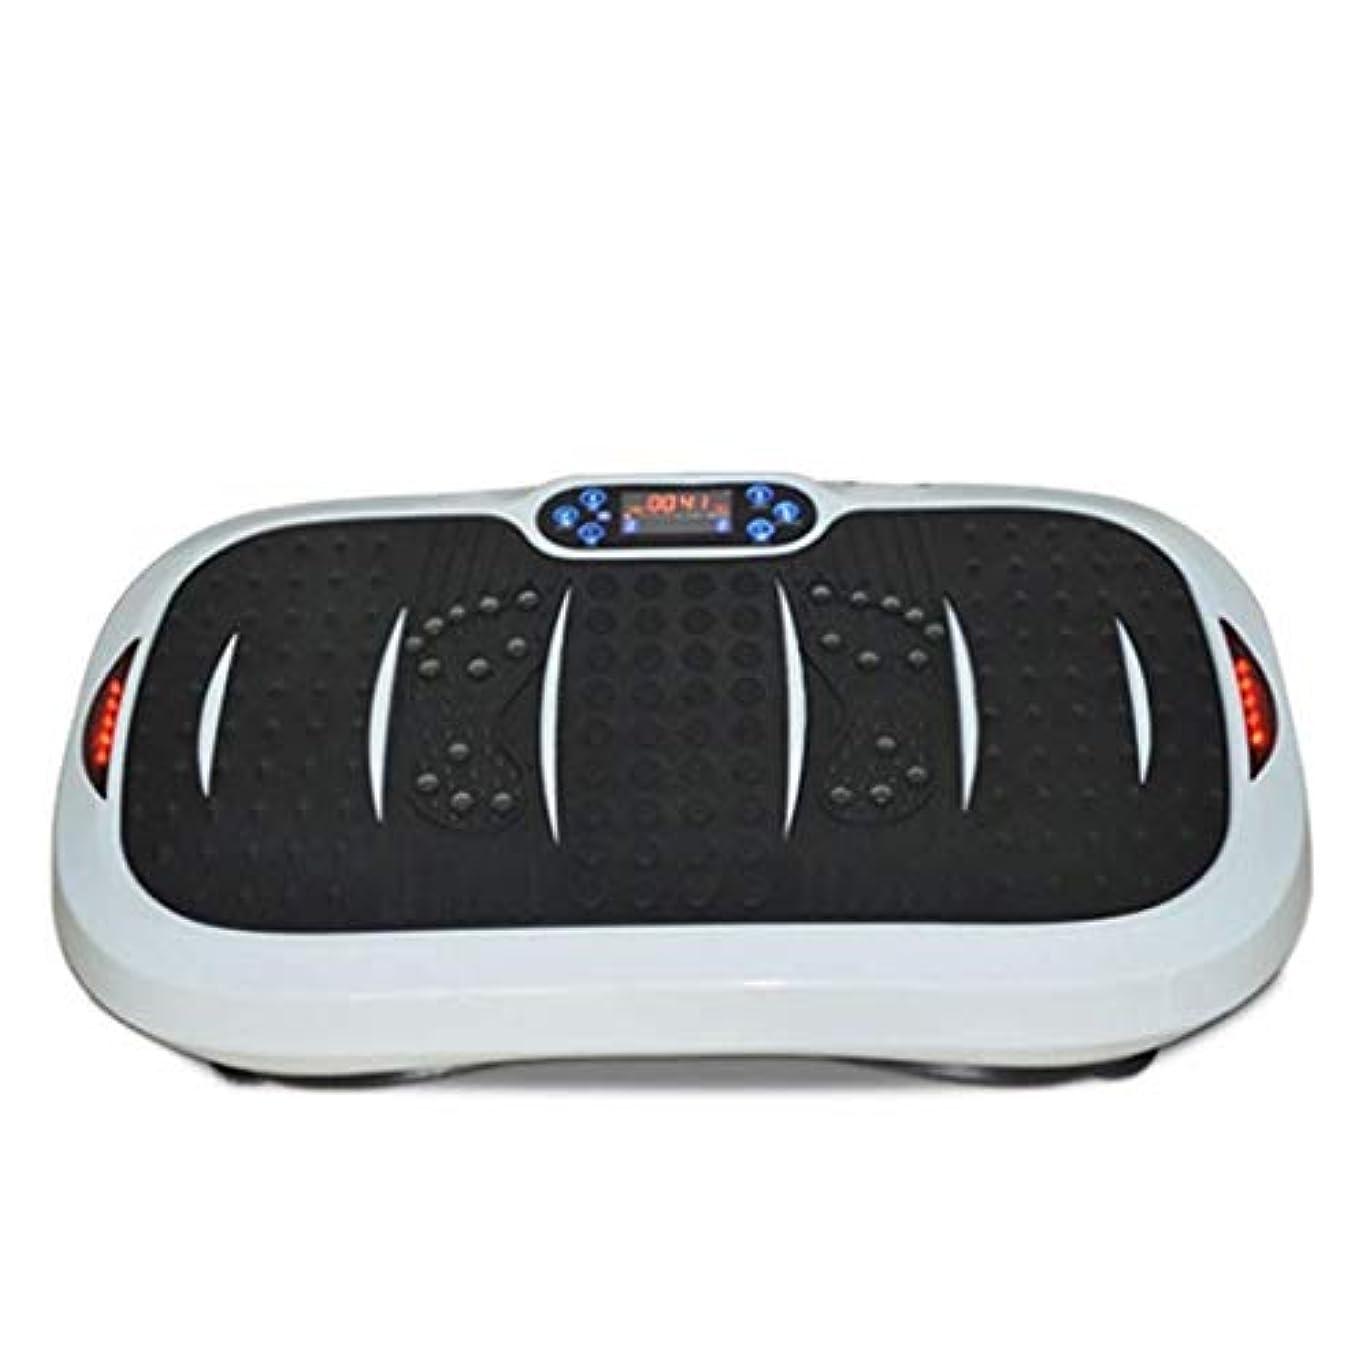 もっと味わう手数料家庭用減量装置、超薄型振動フィットネストレーナー、スポーツおよび3Dフィットネス振動プレート、USB音楽/スピーカー付き/ 99レベル減速ボディおよびタッチディスプレイ滑り止め表面